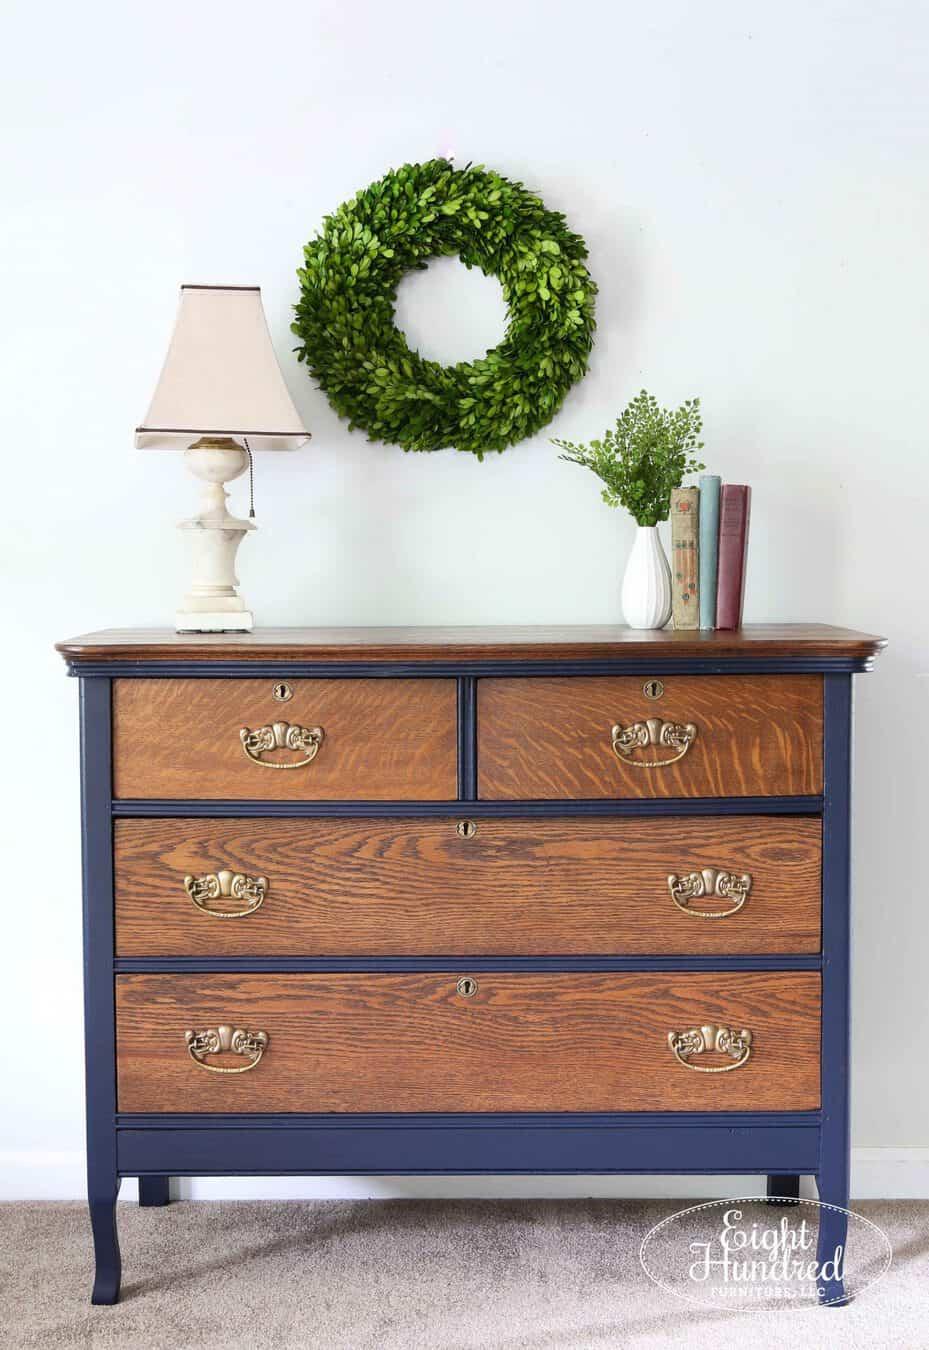 Full length shot of oak dresser